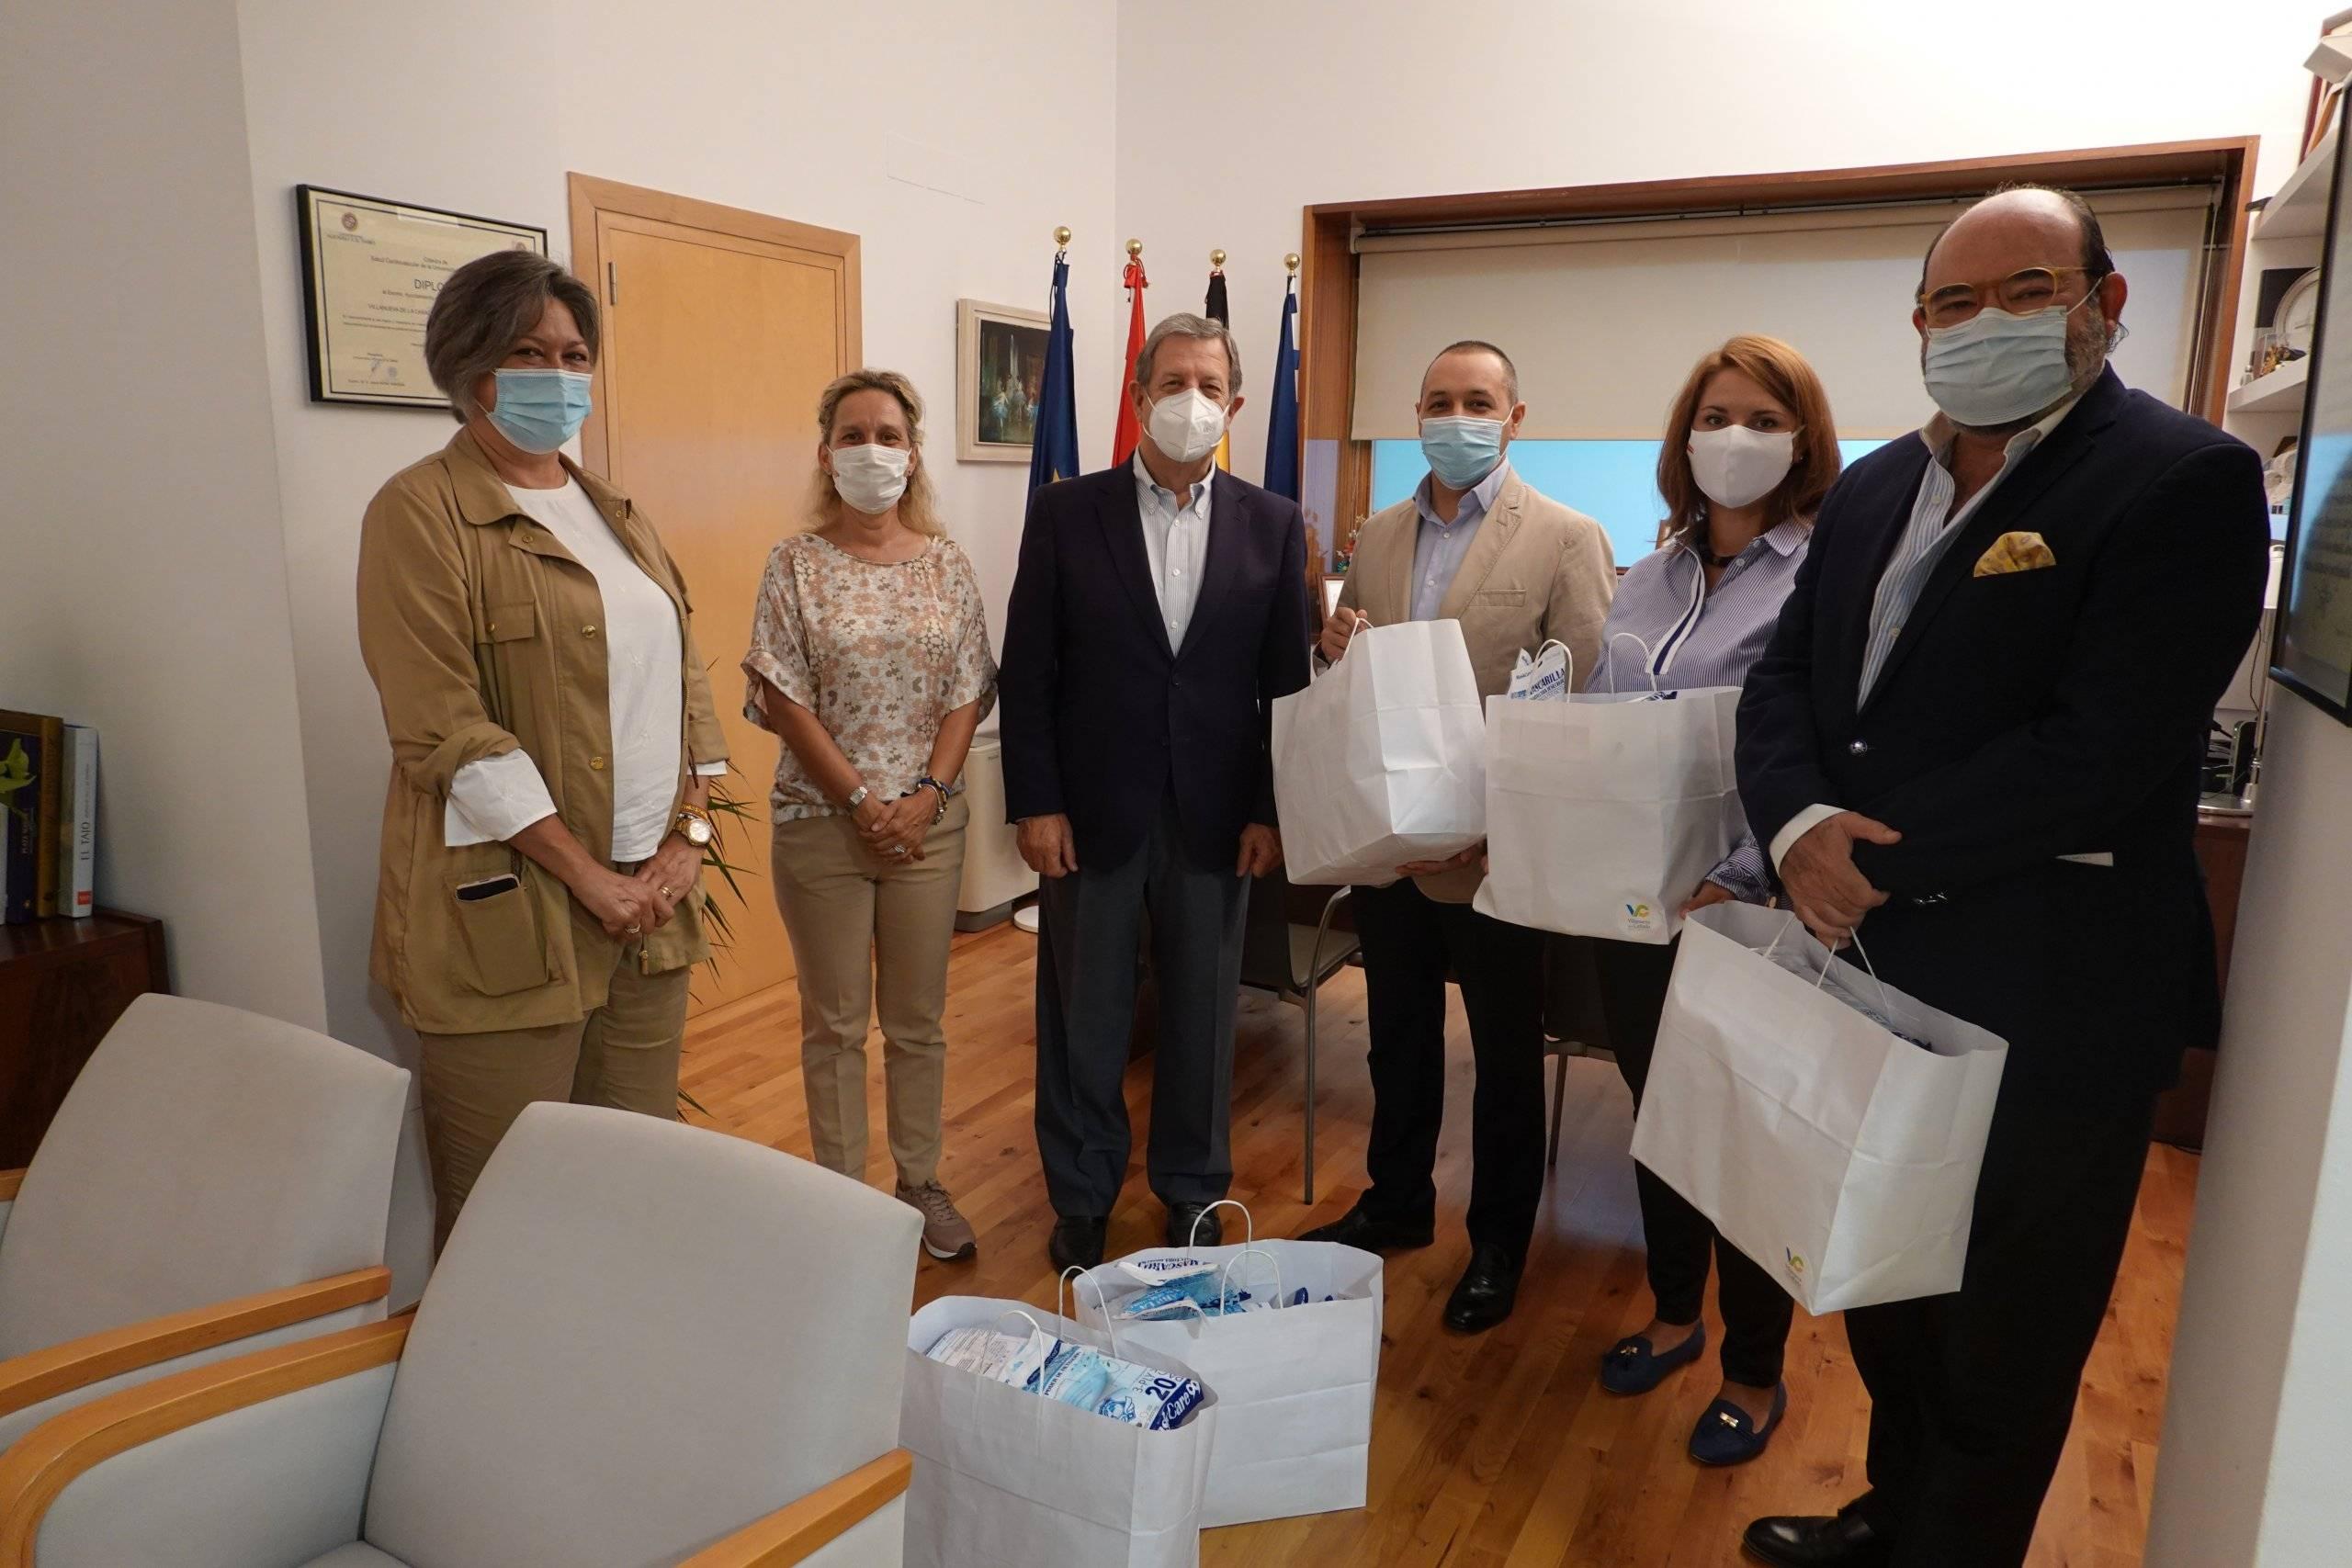 El alcalde y concejales junto a miembros de la asociación.